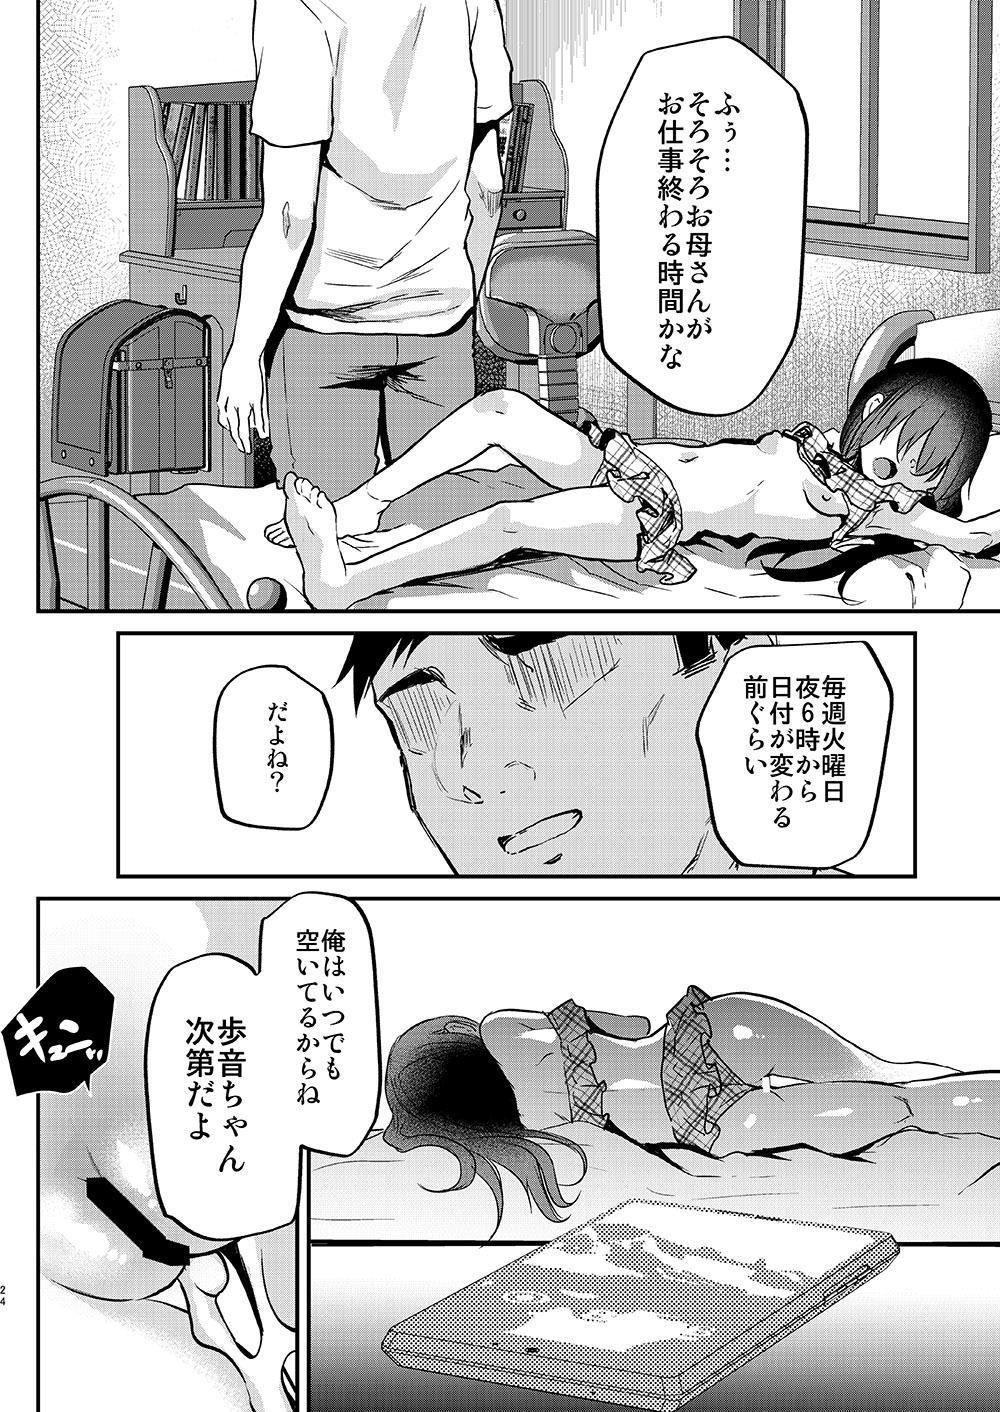 [Shimajiya (Shimaji)] Ayune-chan Choukyou Nisshi Vol. 2 -Oheya Ecchi Hen- [Digital] 24